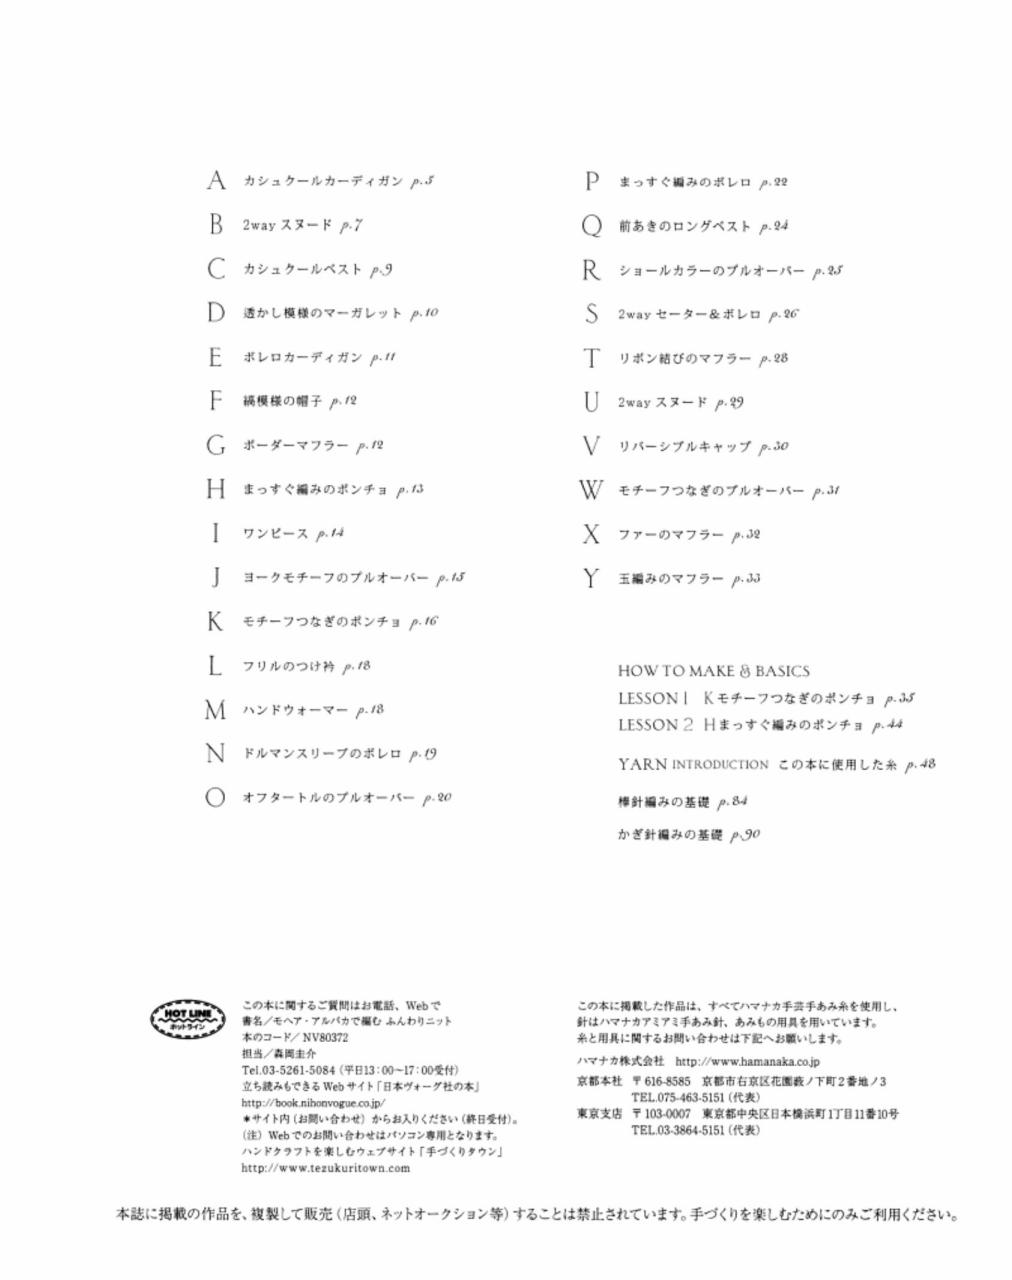 LETS KNIT SERIES №NV80372, 2013 - 编织幸福 - 编织幸福的博客